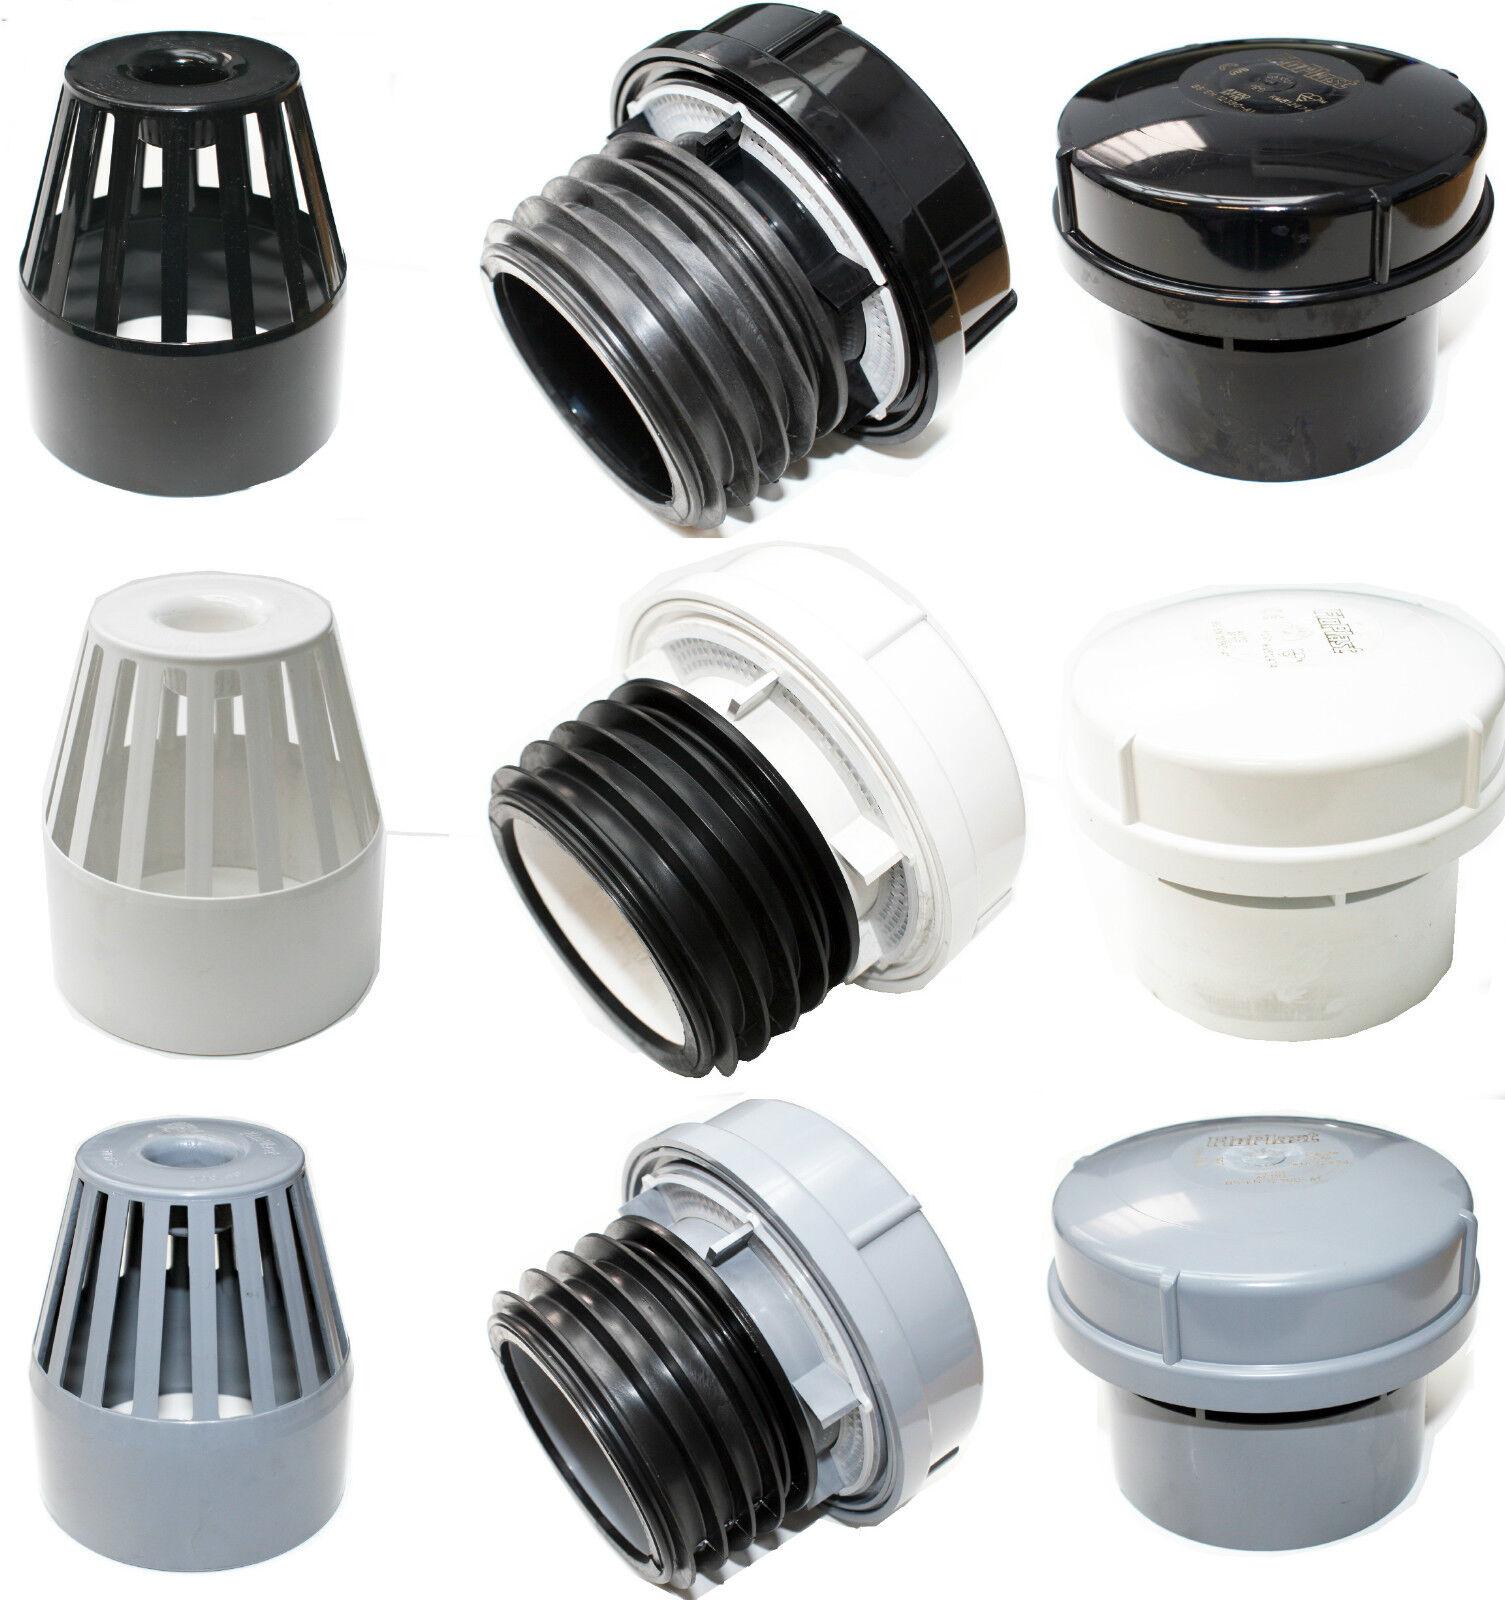 Soil pipe external or internal air admittance valve black for 80mm soil vent pipe